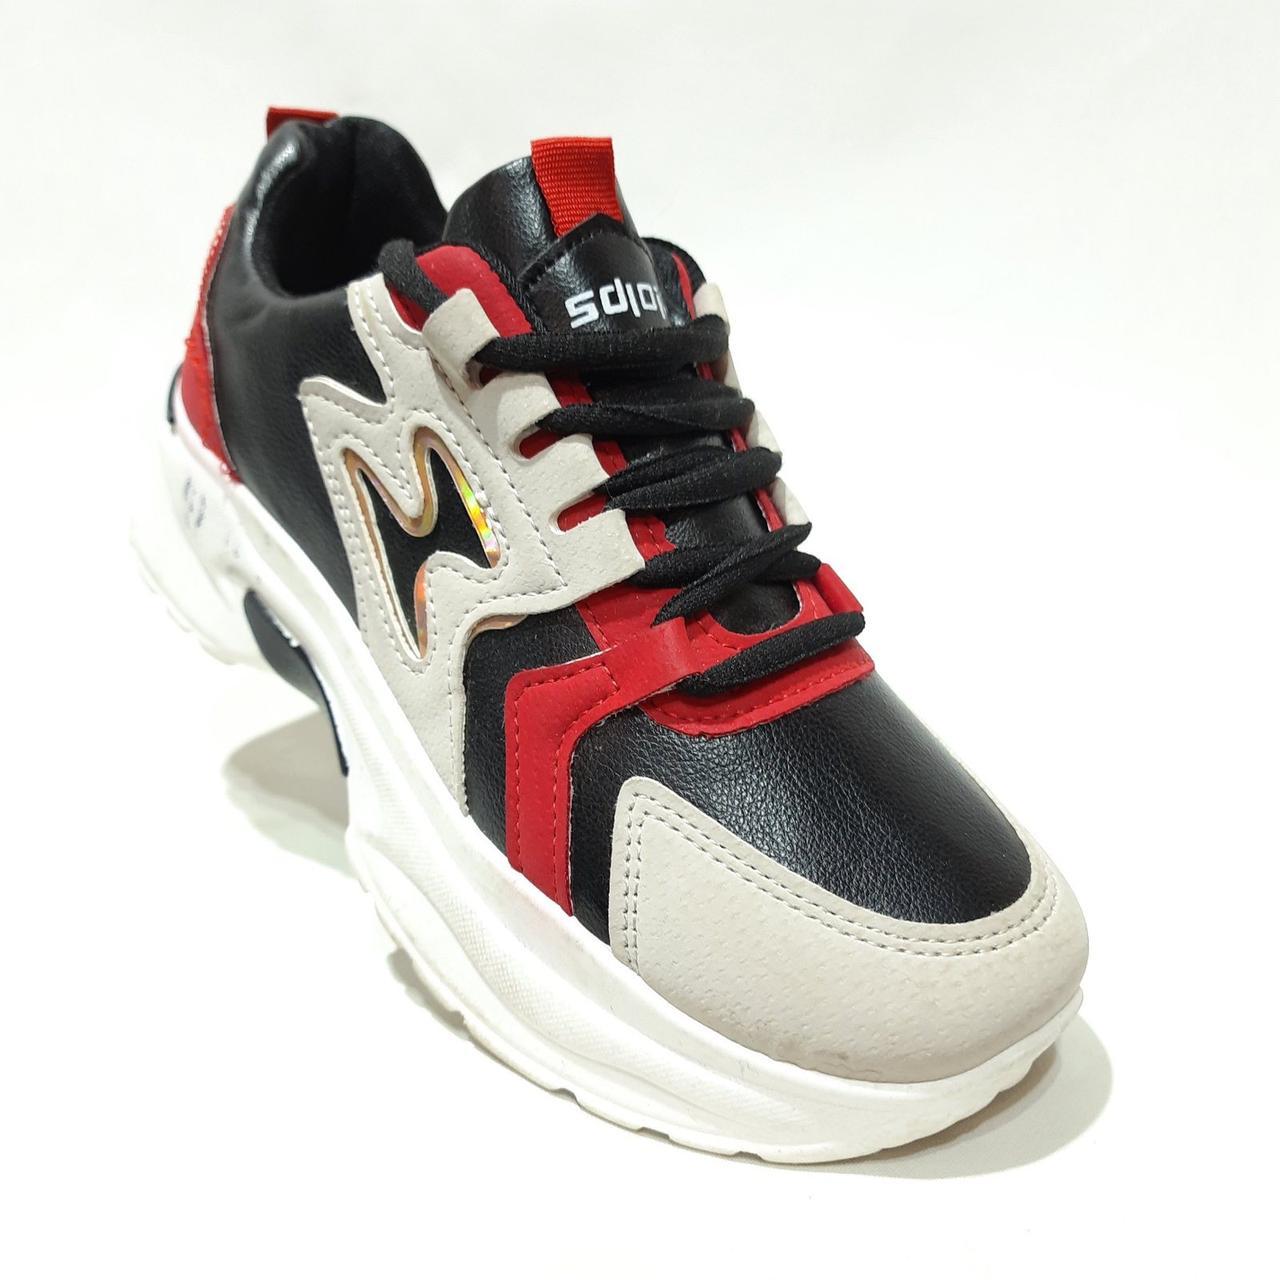 39,40 грн. Весняні жіночі кросівки з еко-шкіри чорно-білий з червоним маломерят